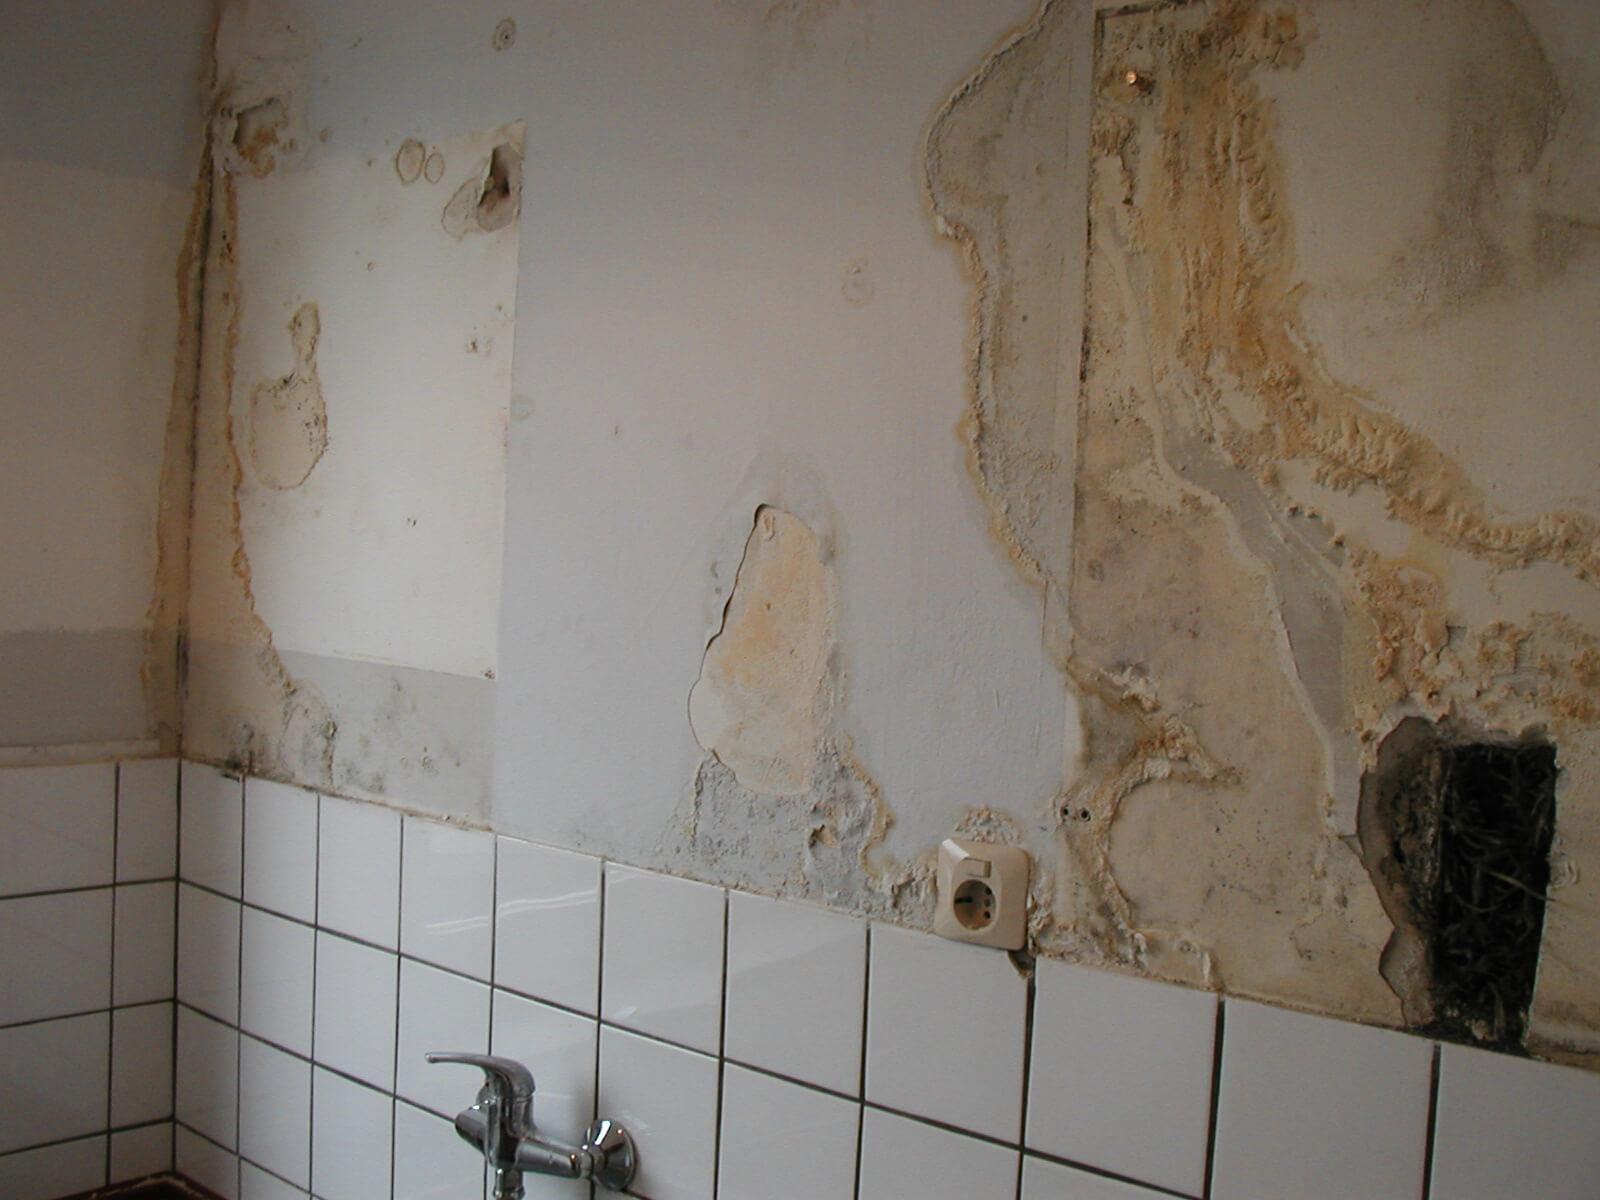 Schimmlige Wand in Kerpen, NRW